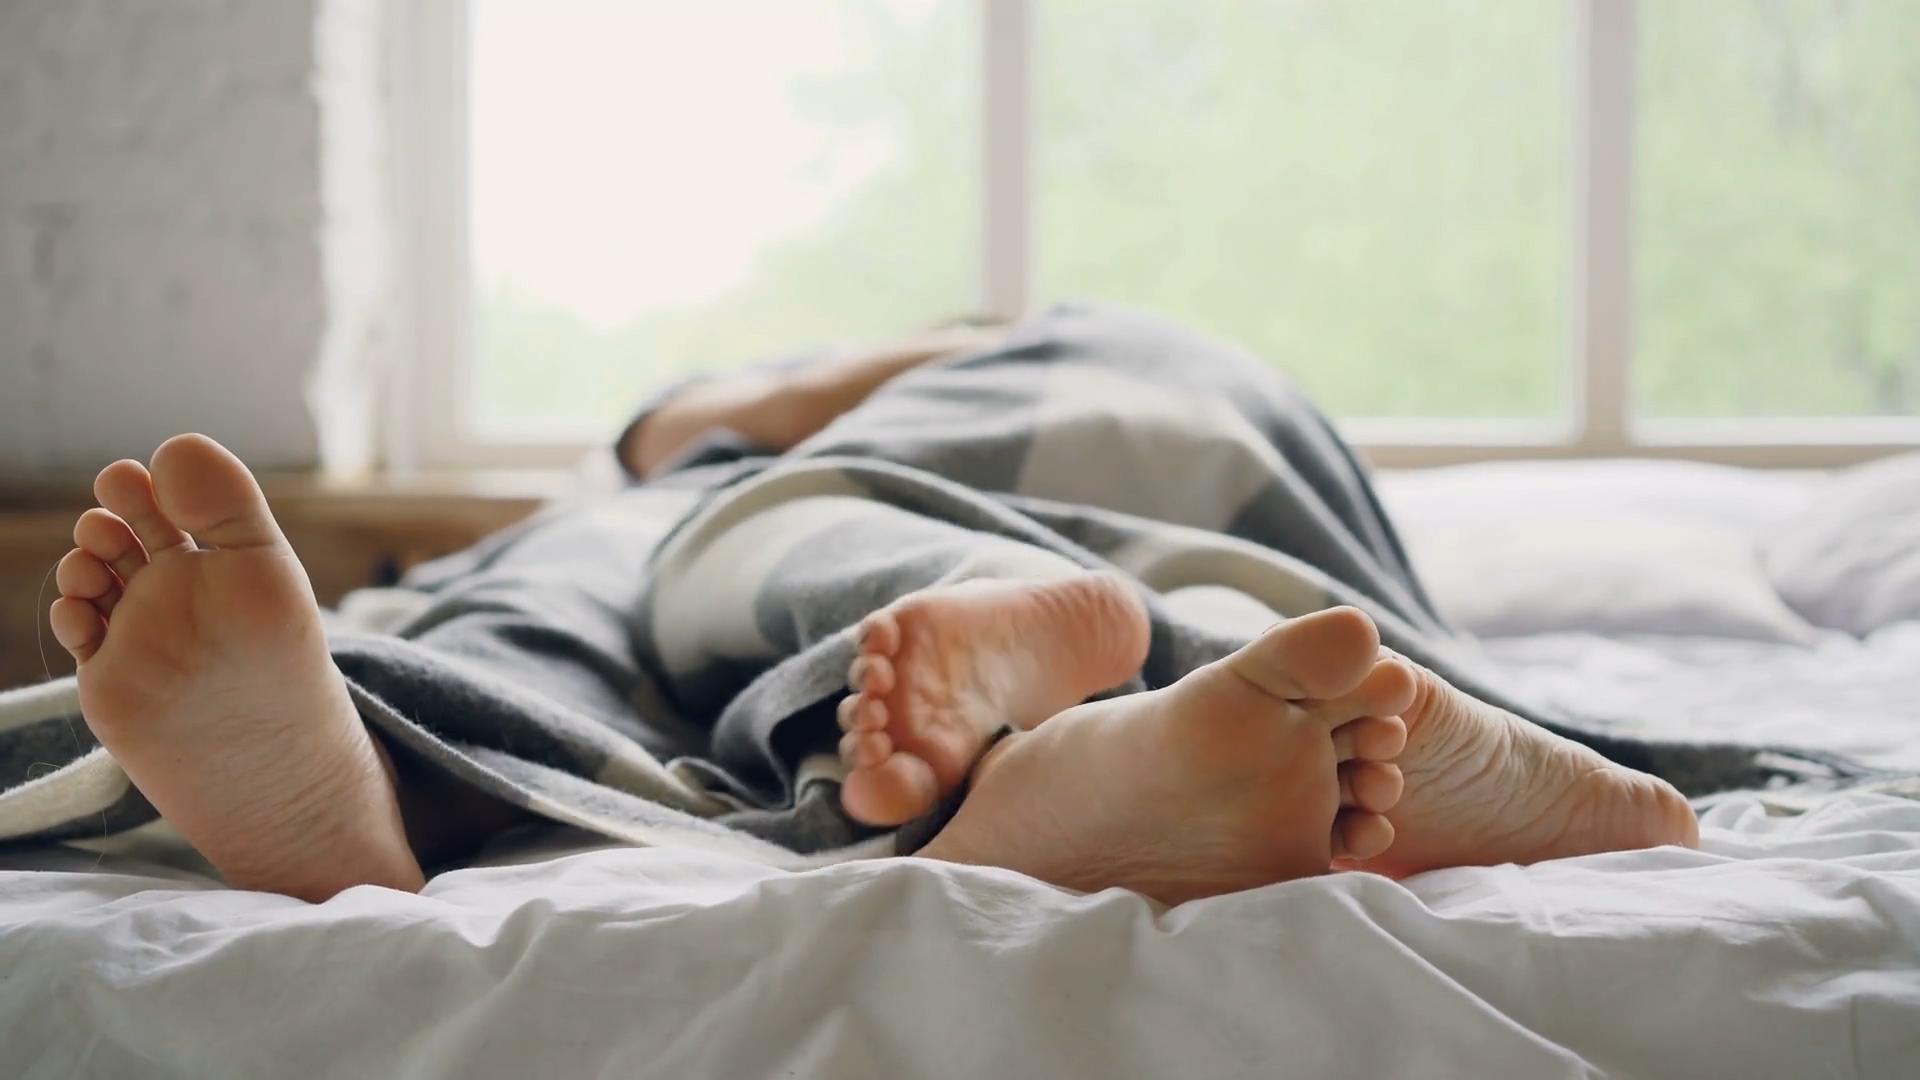 5 najbardziej niebezpiecznych pozycji seksualnych